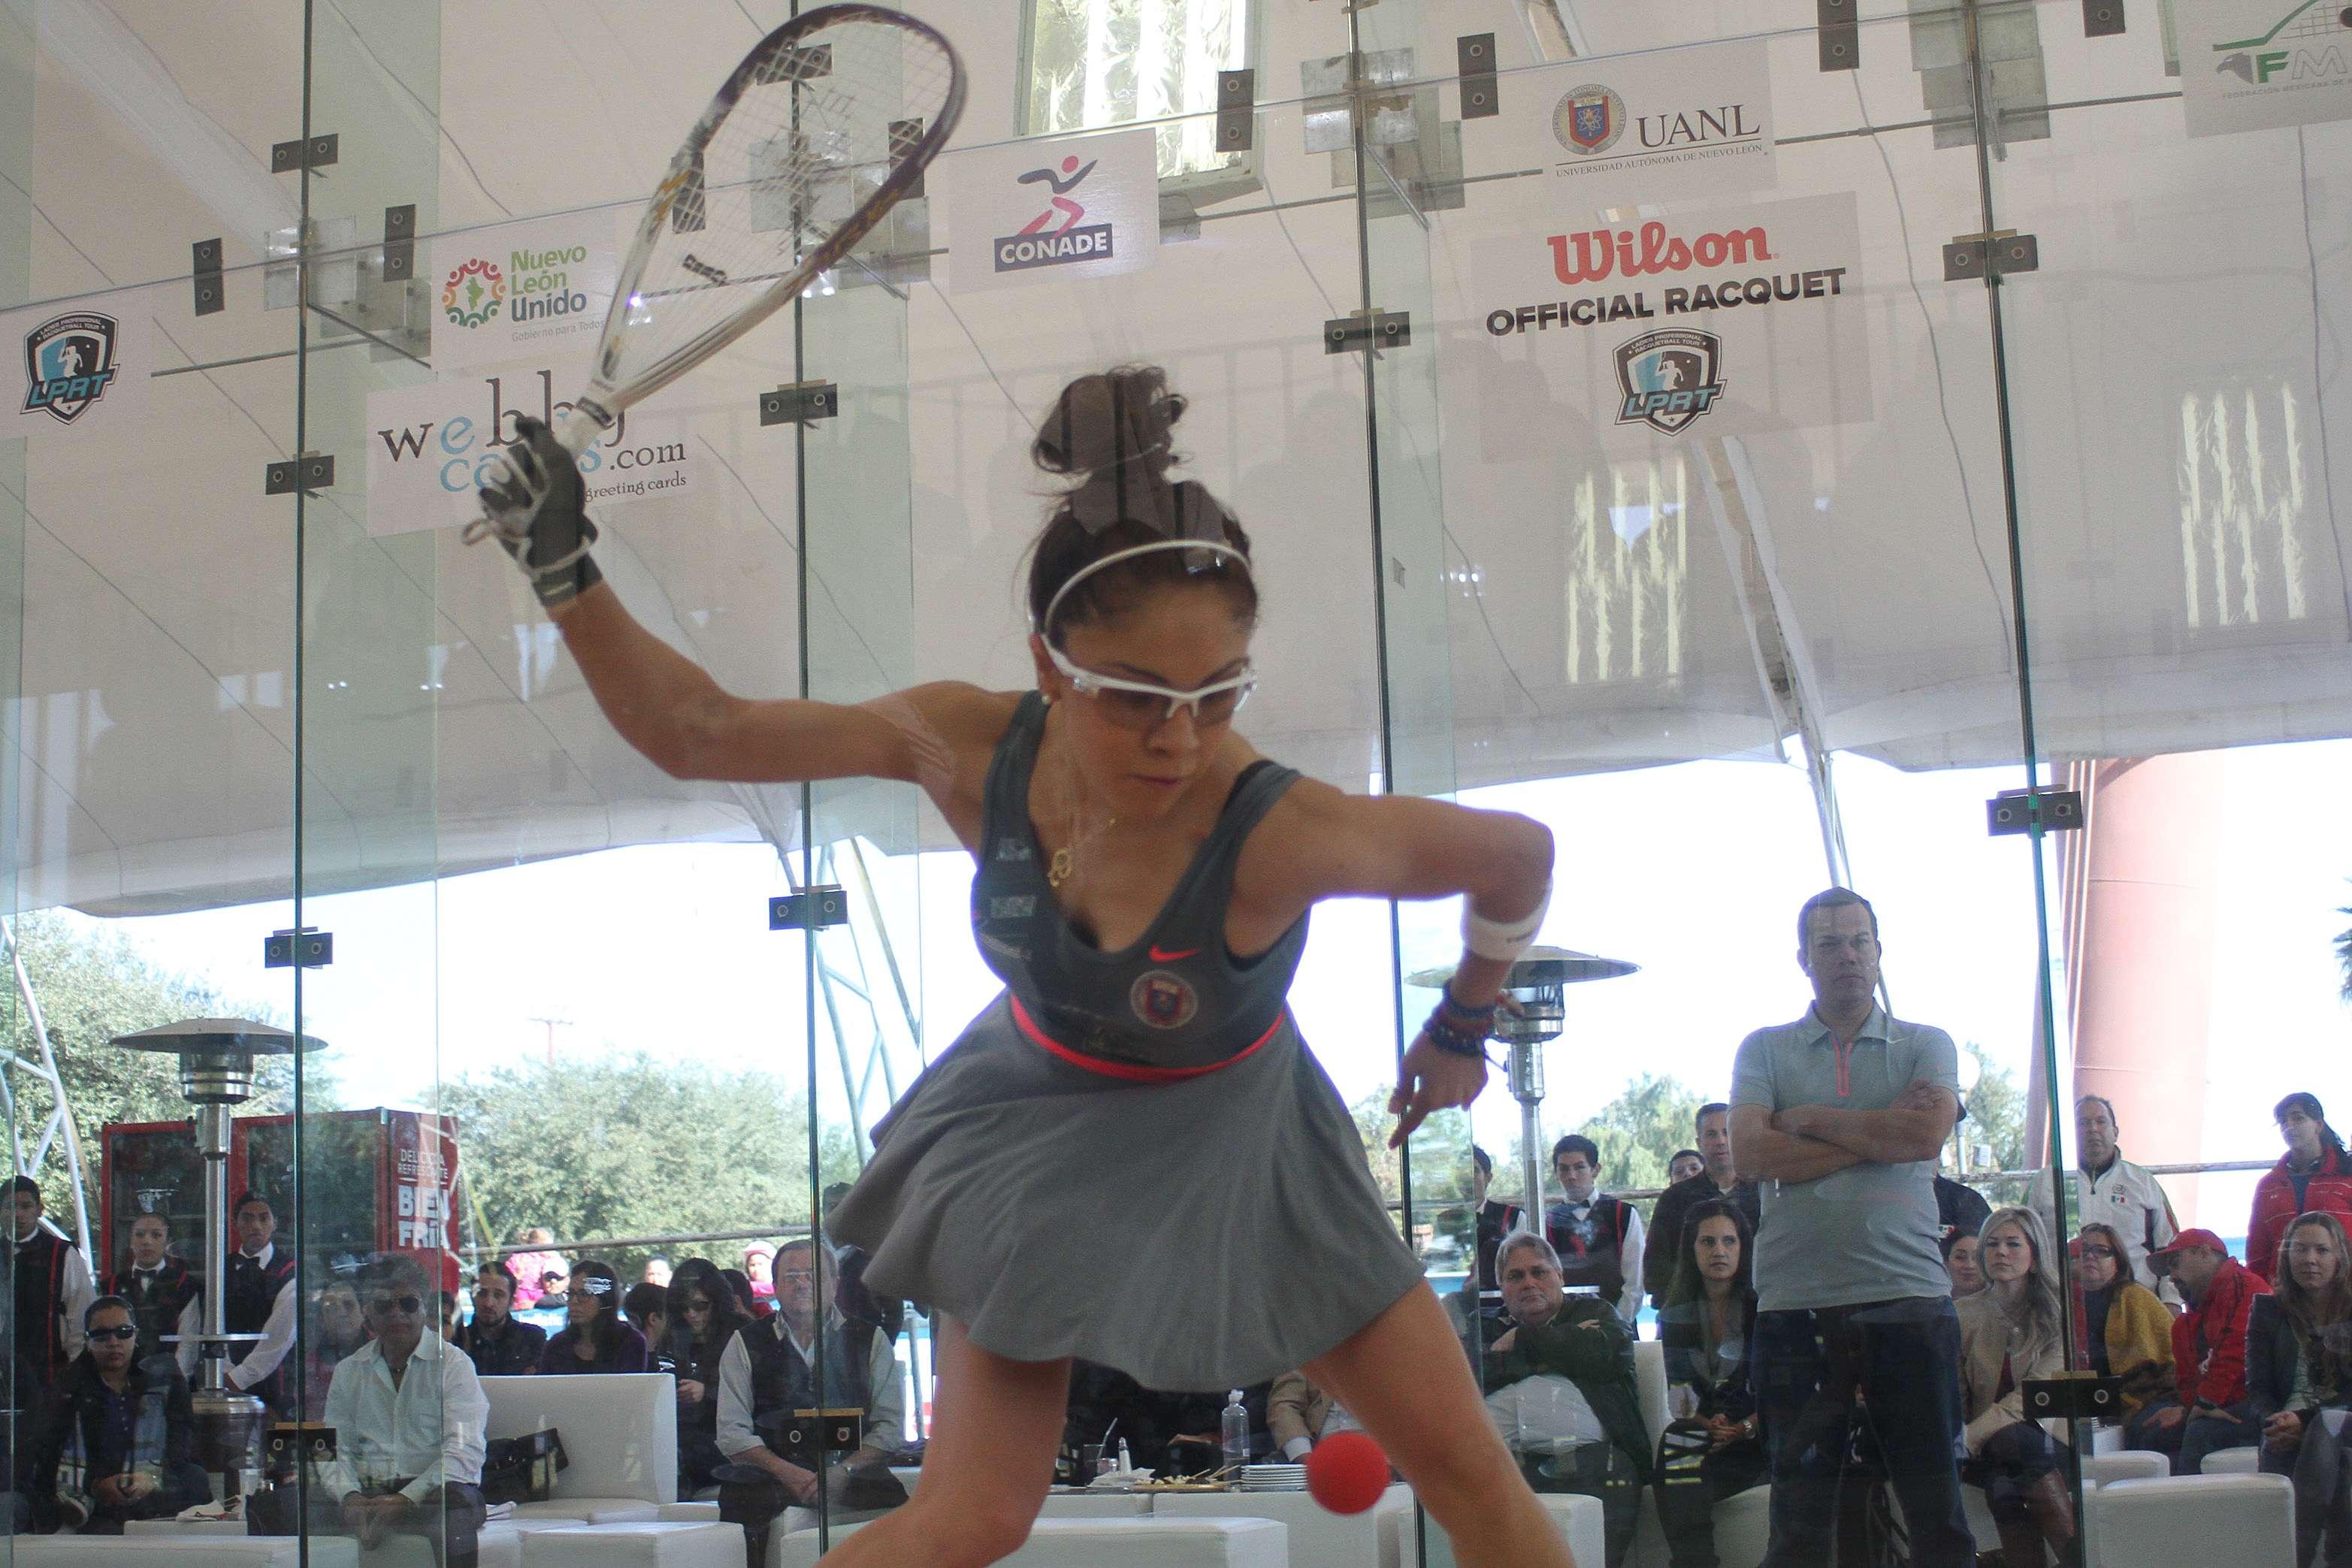 Paola Longoria con su buena actuación al iniciar el Abierto Mexicano de Raquetas. Foto: Jam Media